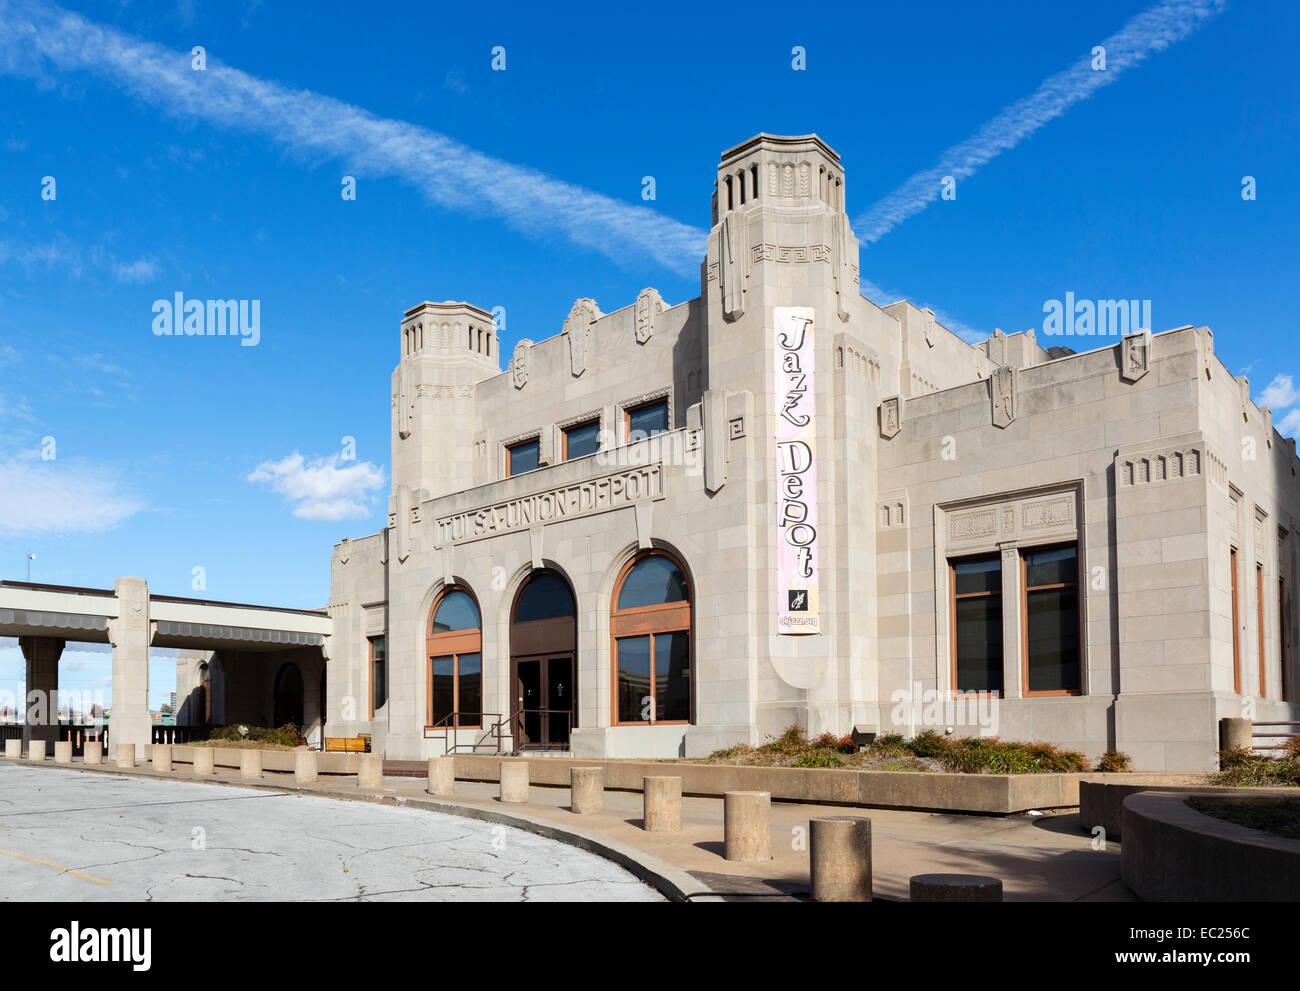 El Art-Deco Tulsa Union Depot, en Tulsa, Oklahoma, EE.UU. Imagen De Stock